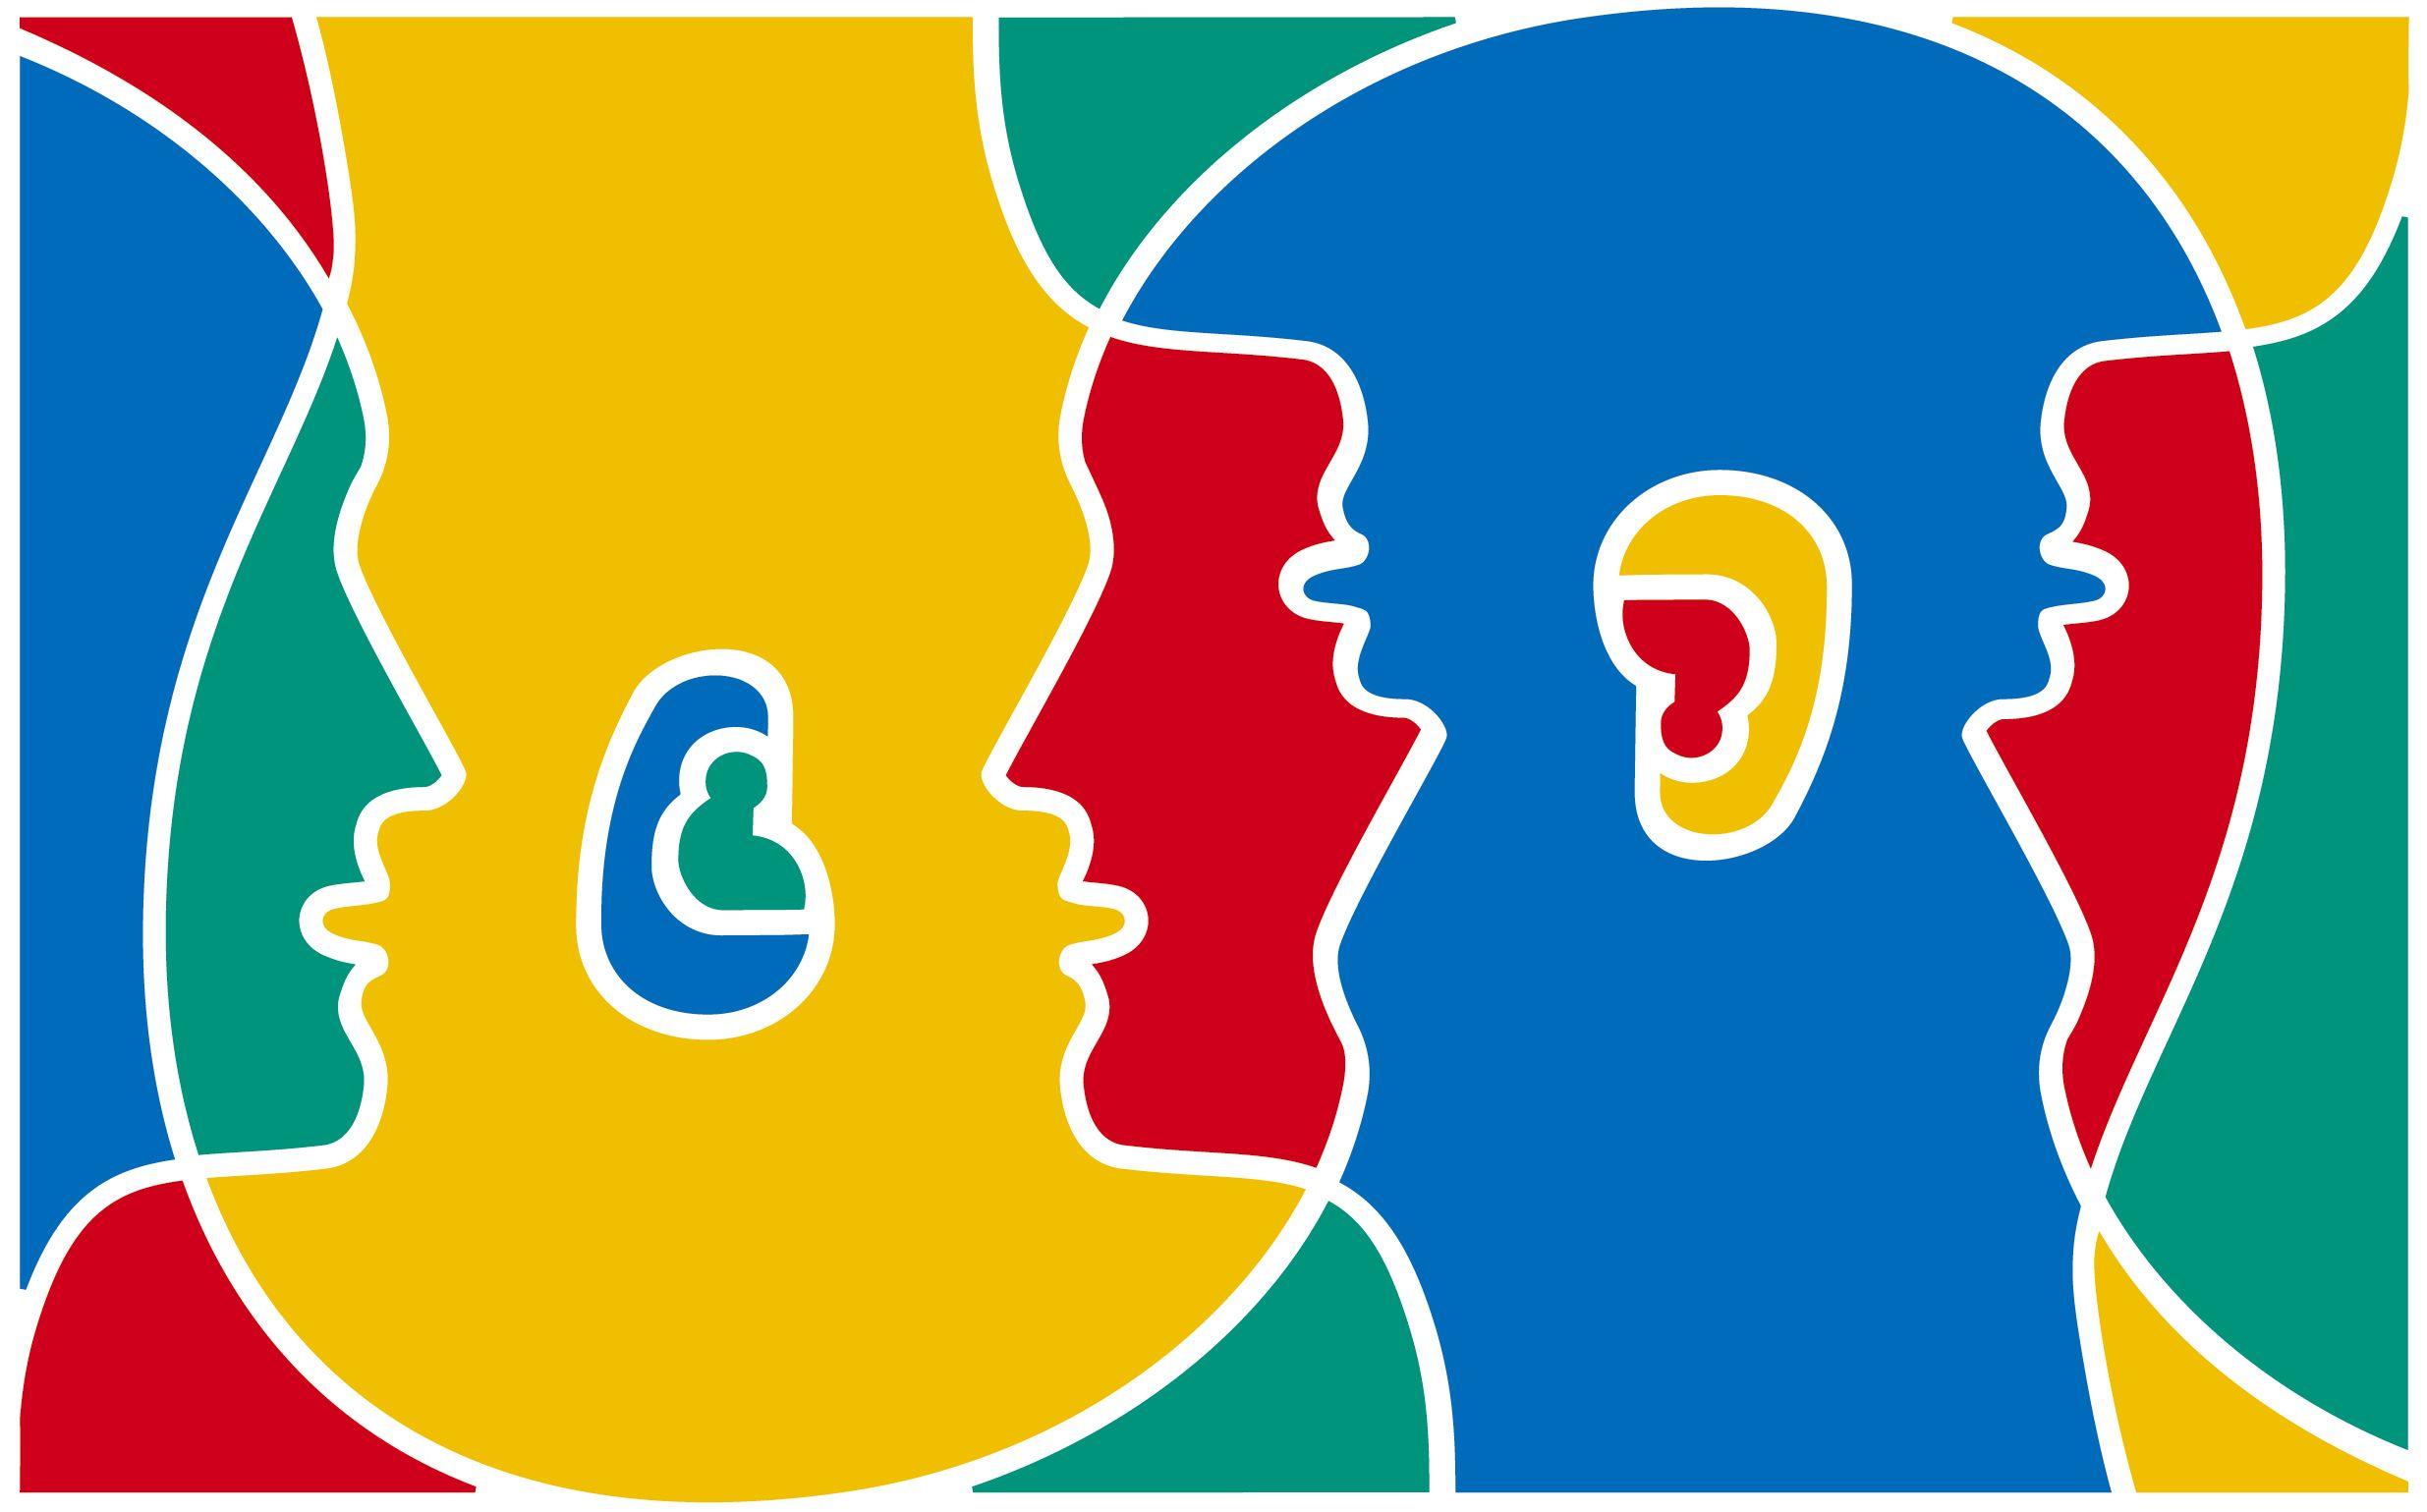 """Il metodo utilizzato nella cura dei soggetti che si rivolgono al centro """"LogoPaideia - Terapie del Linguaggio e delle Relazioni"""" è da qualche anno oggetto di un percorso di formazione per che integra le teorie, le tecniche e le strategie dell'Oralismo Cognitivo a quelle della Pedagogia Riabilitativa, in un mix carico di opportunità e soluzioni terapeutiche sperimentate con successo."""